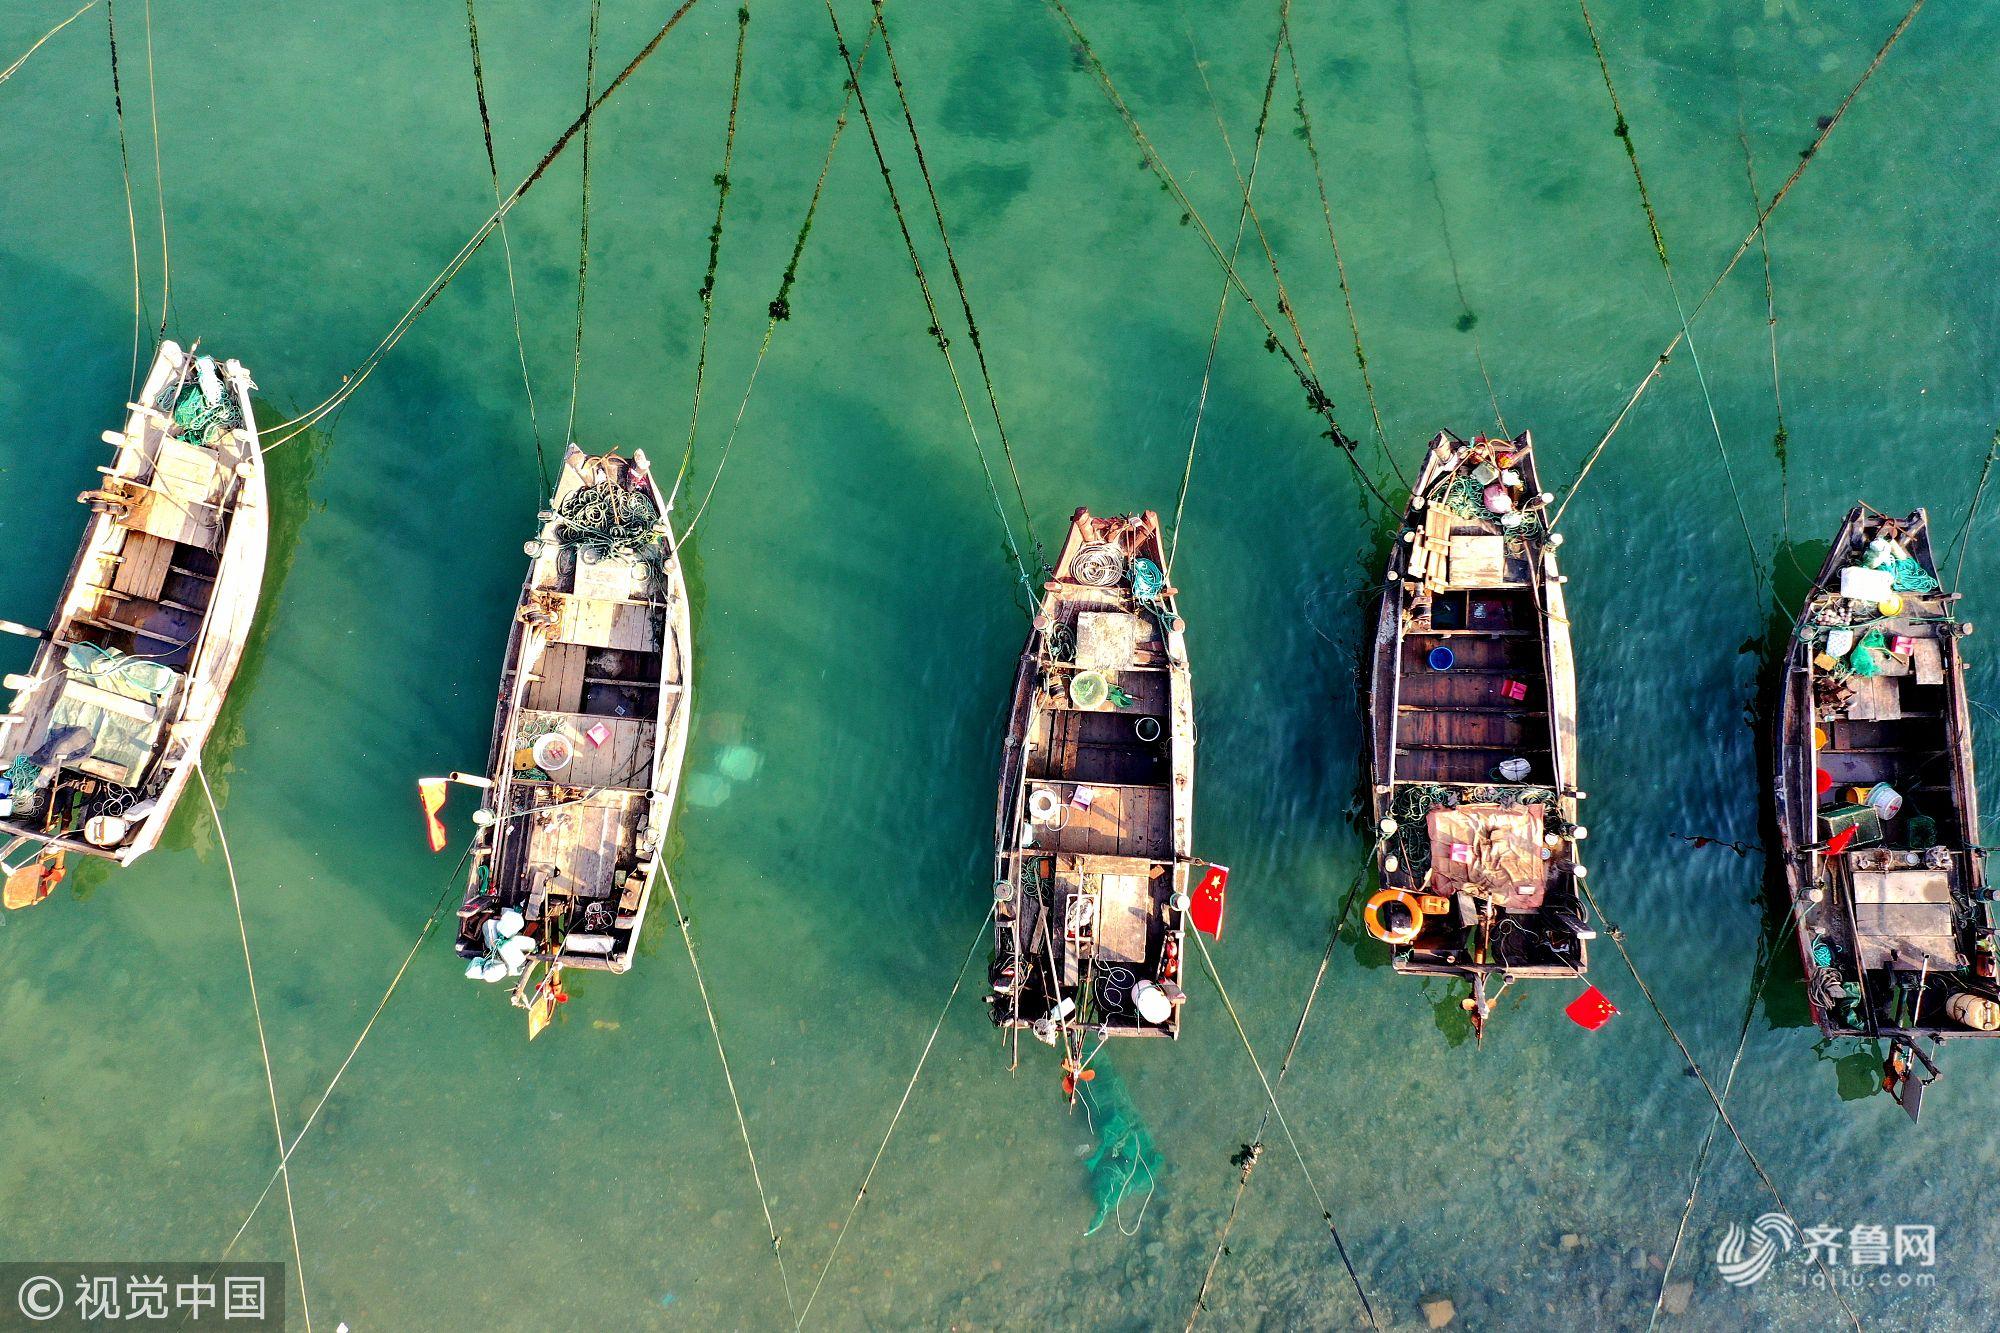 山东青岛:航拍春日渔港 渔船飘摇美如风景画